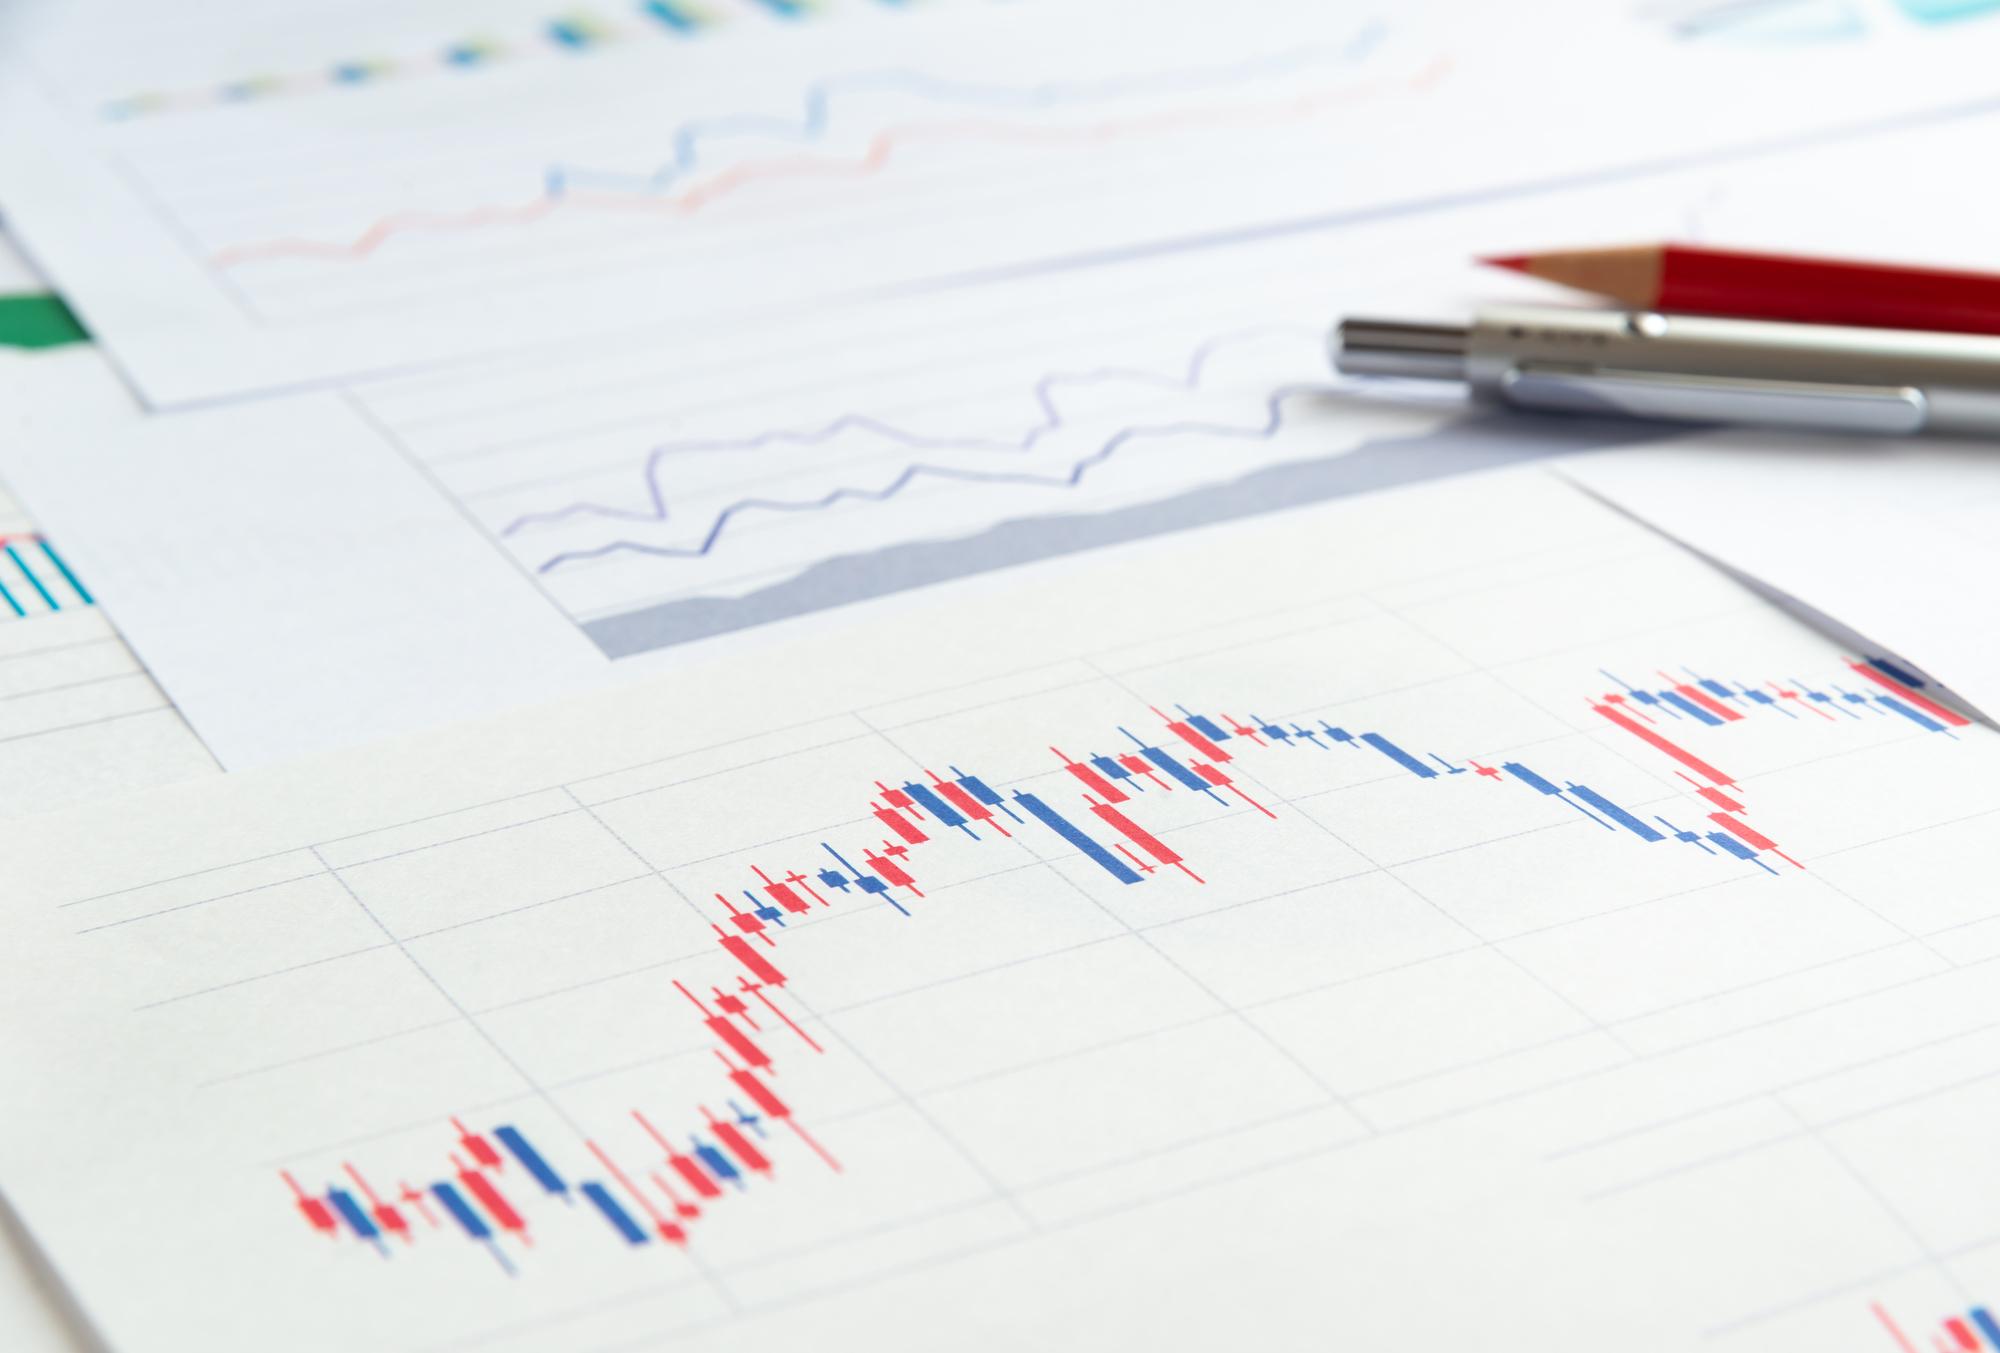 投資信託の利回りについて考える